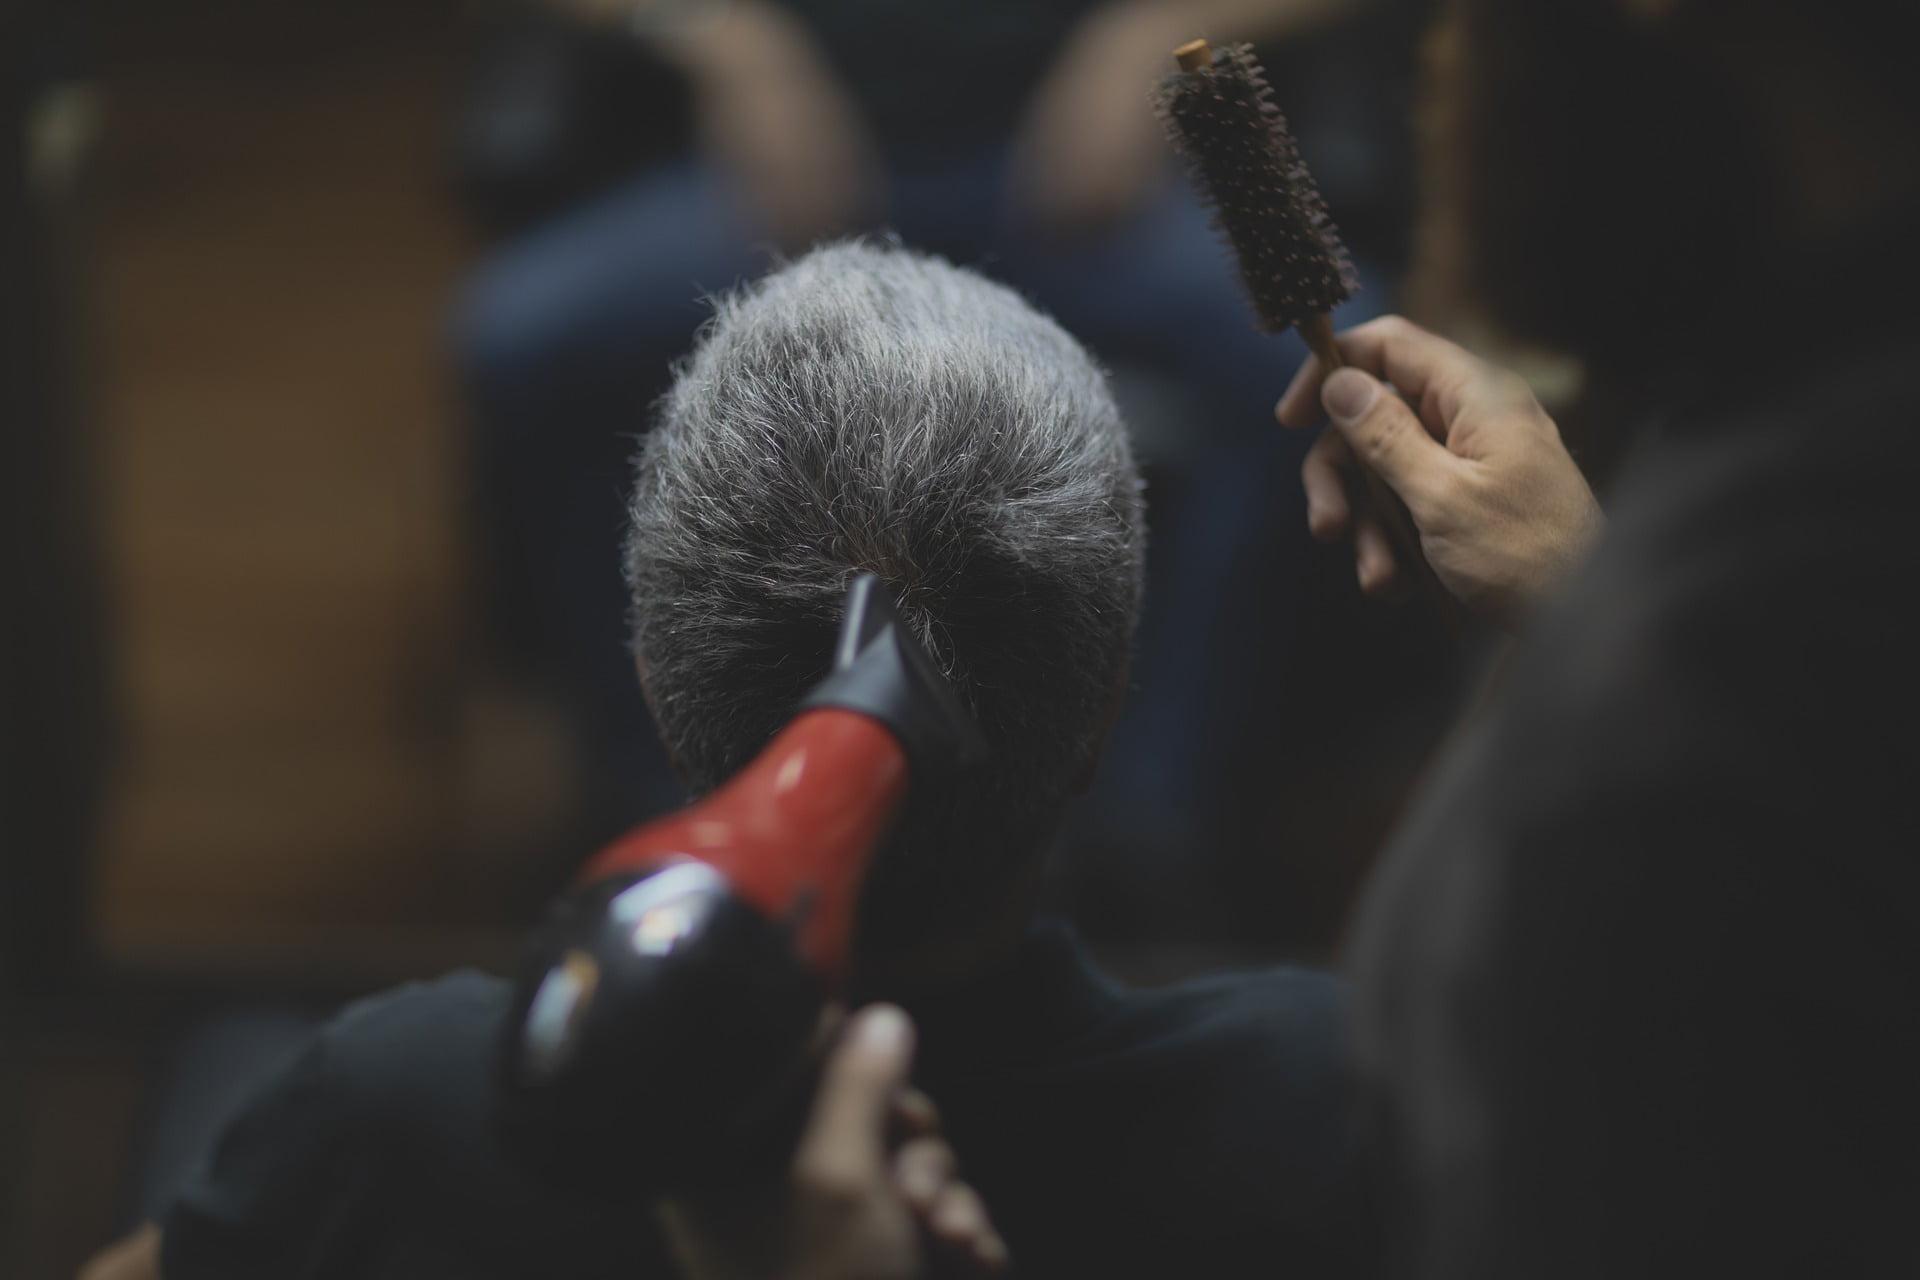 Sposób na siwe włosy u mężczyzn- jak pozbyć się siwych włosów?